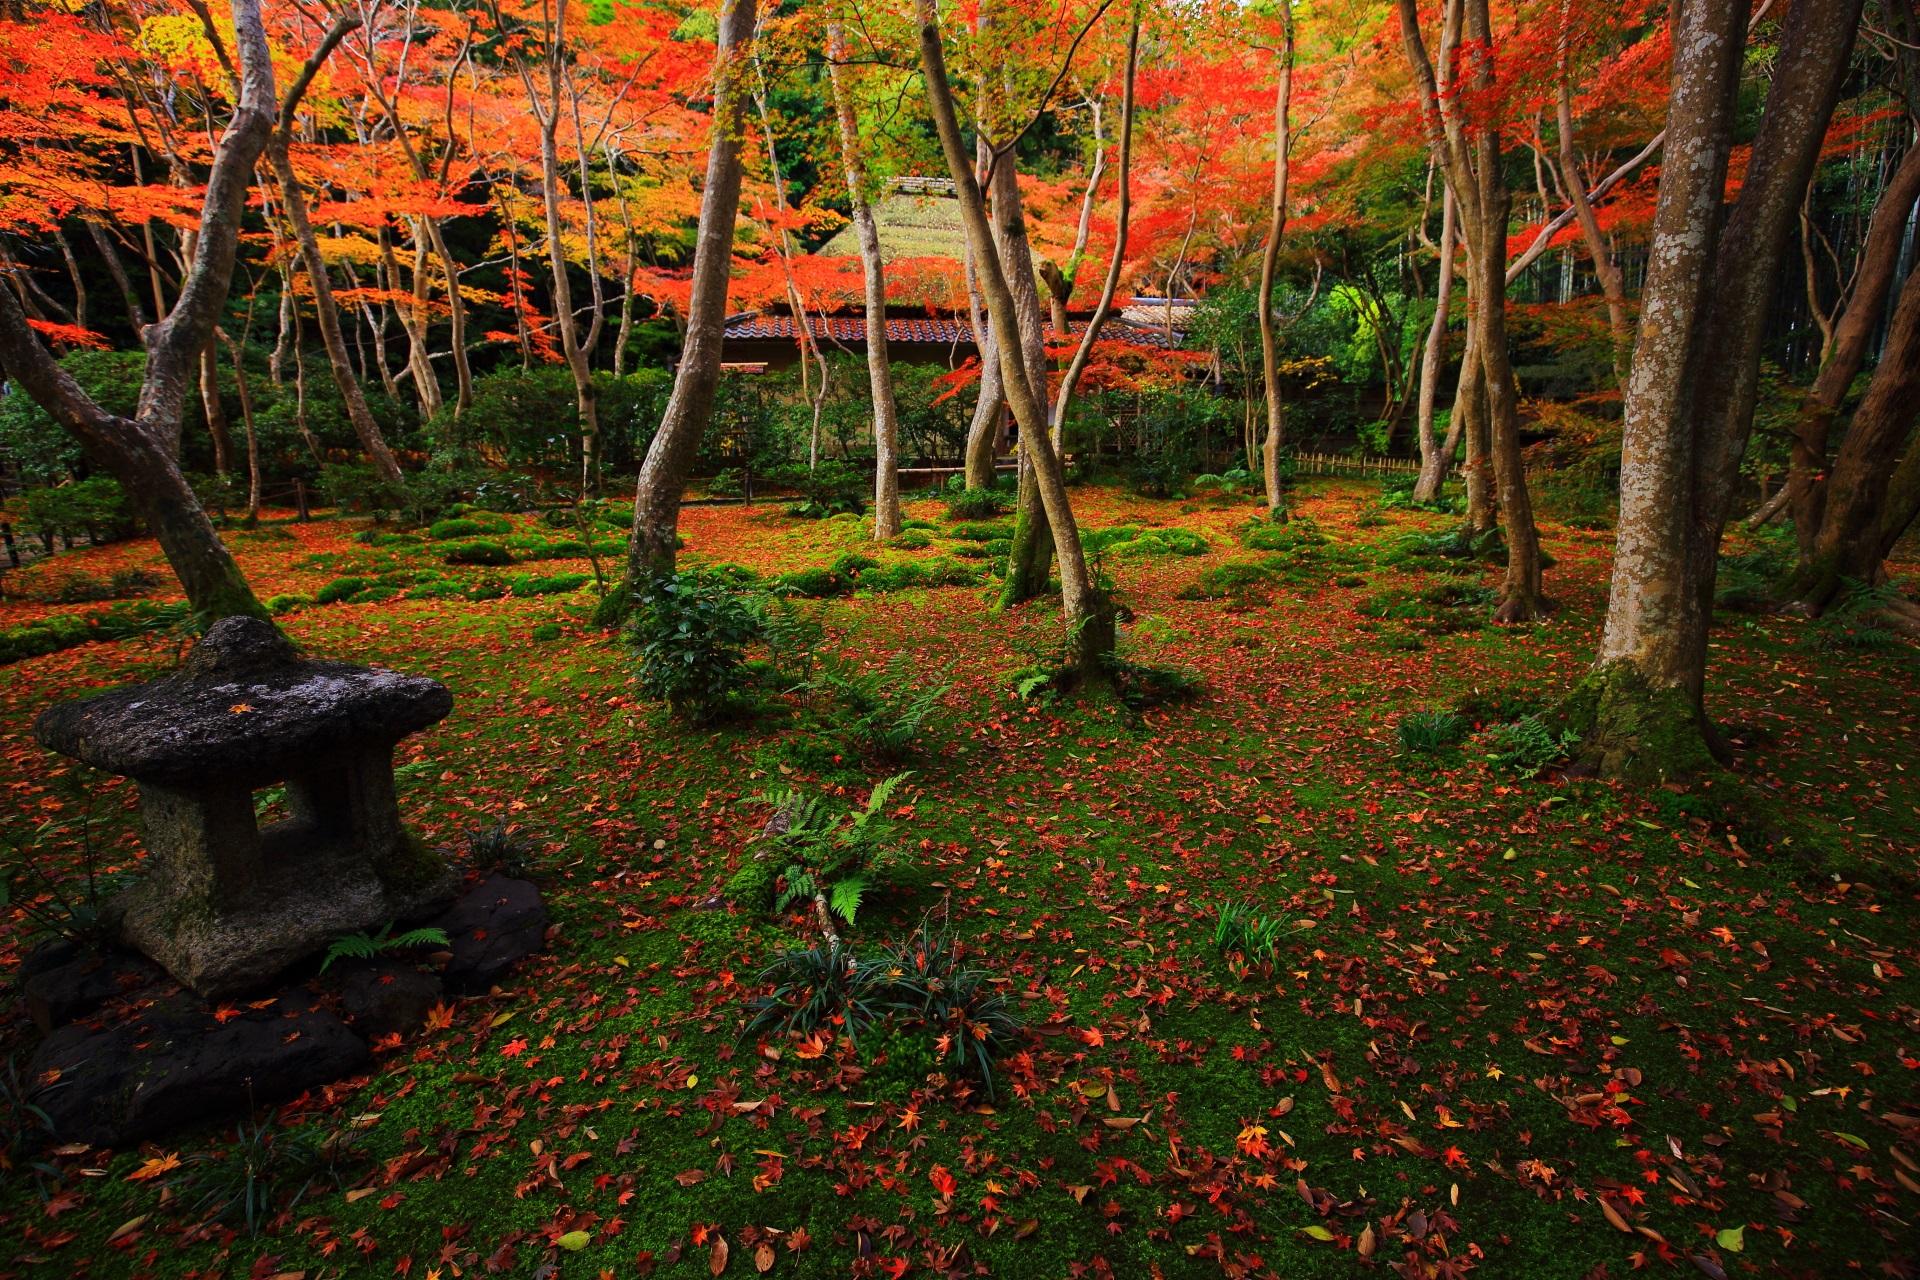 祇王寺 紅葉 苔庭の秋の彩りと絶品の散りもみじ